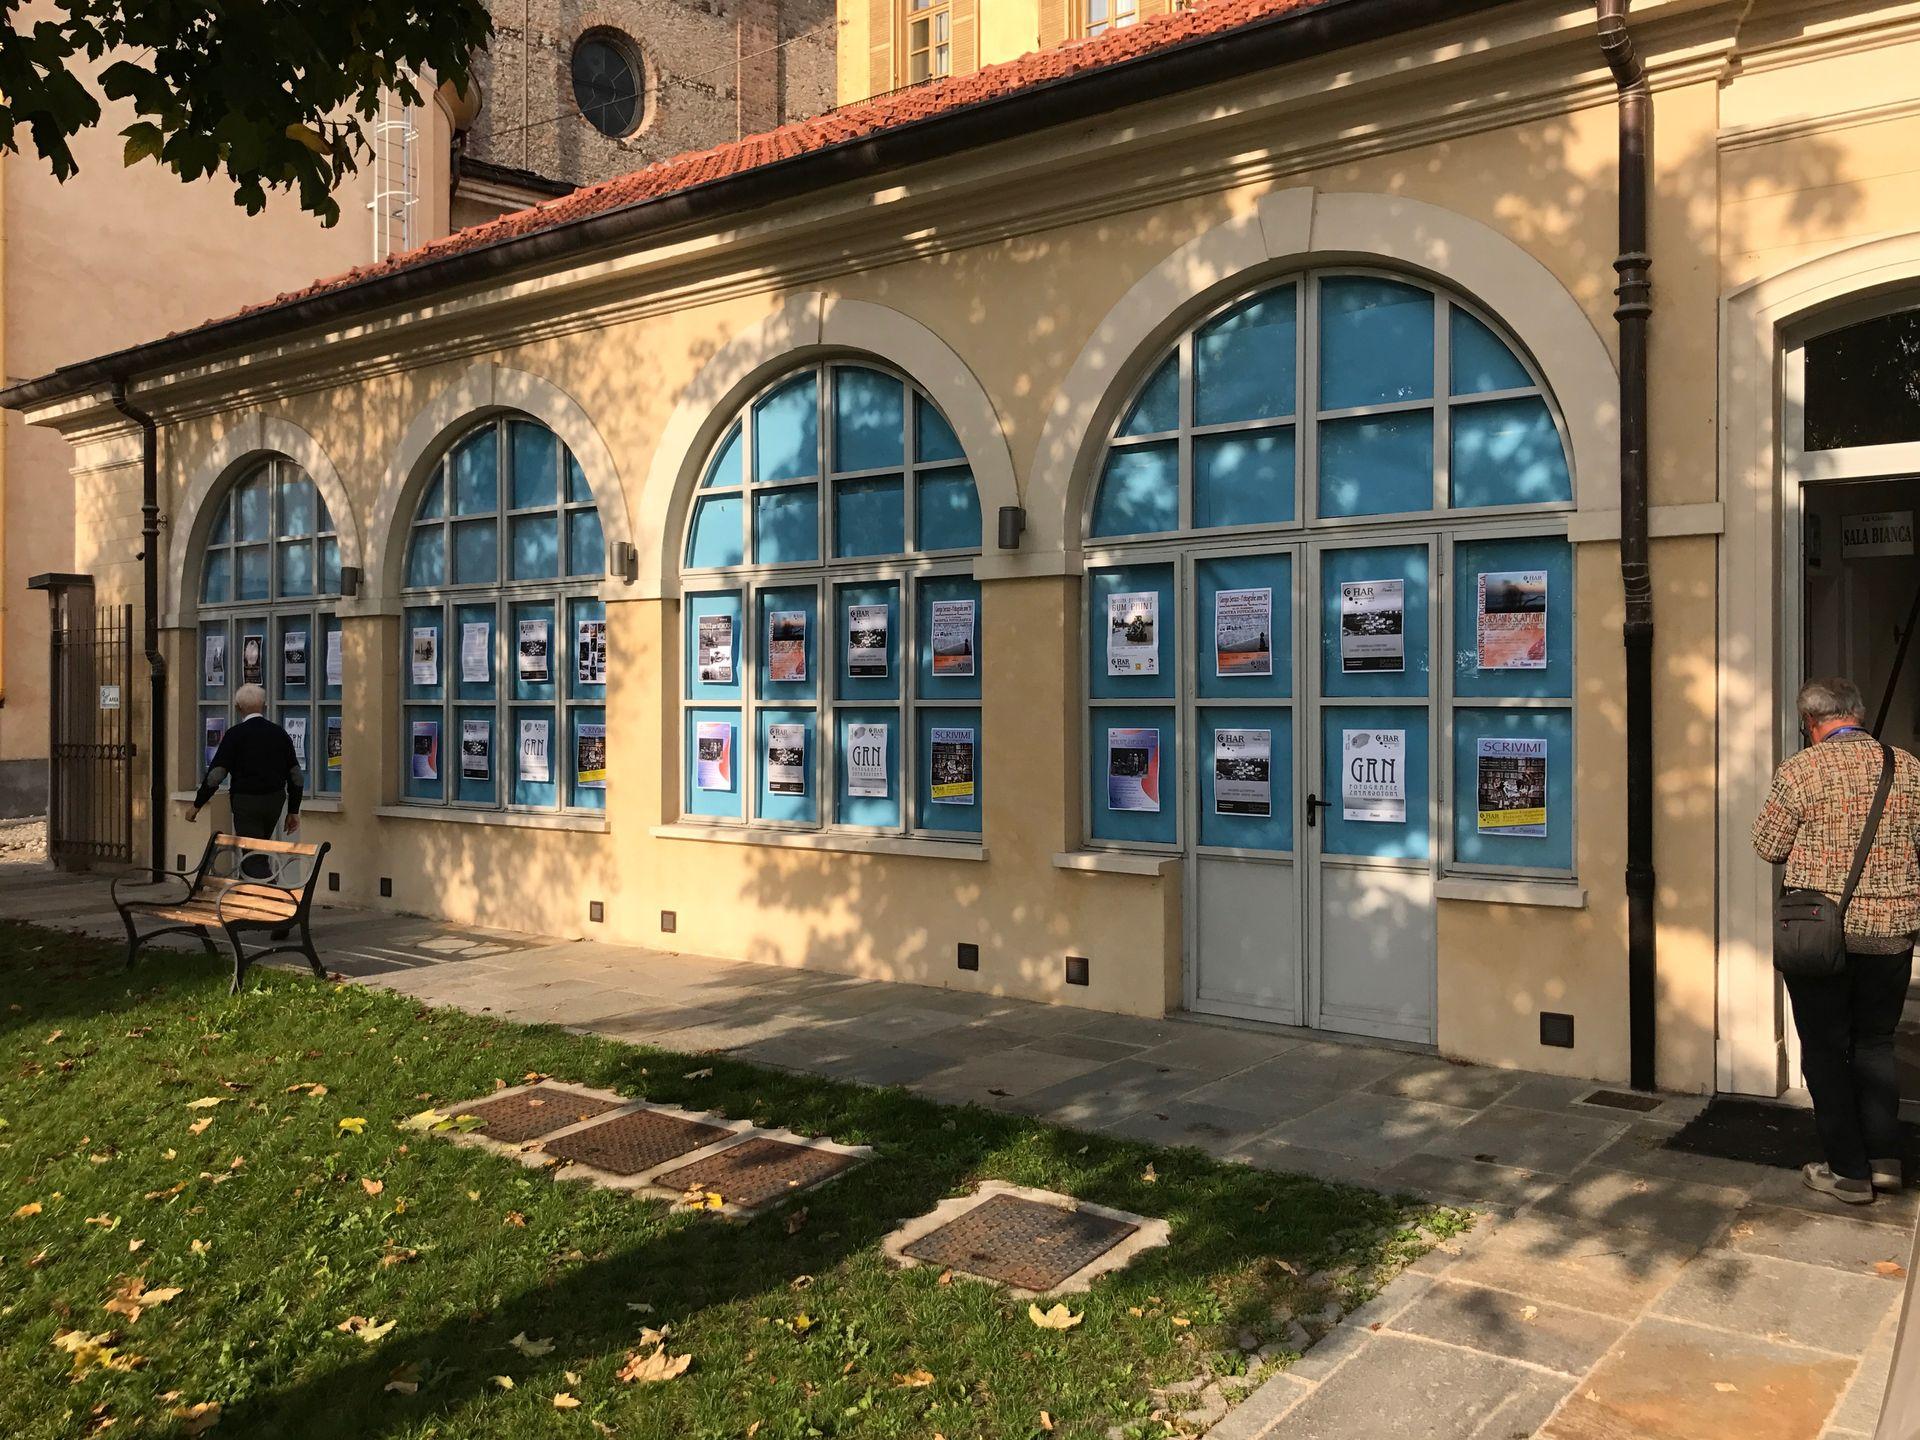 Camere Oscure Cuneo : Phototrace cuneo u201cinvasau201d dai fotografi la guida